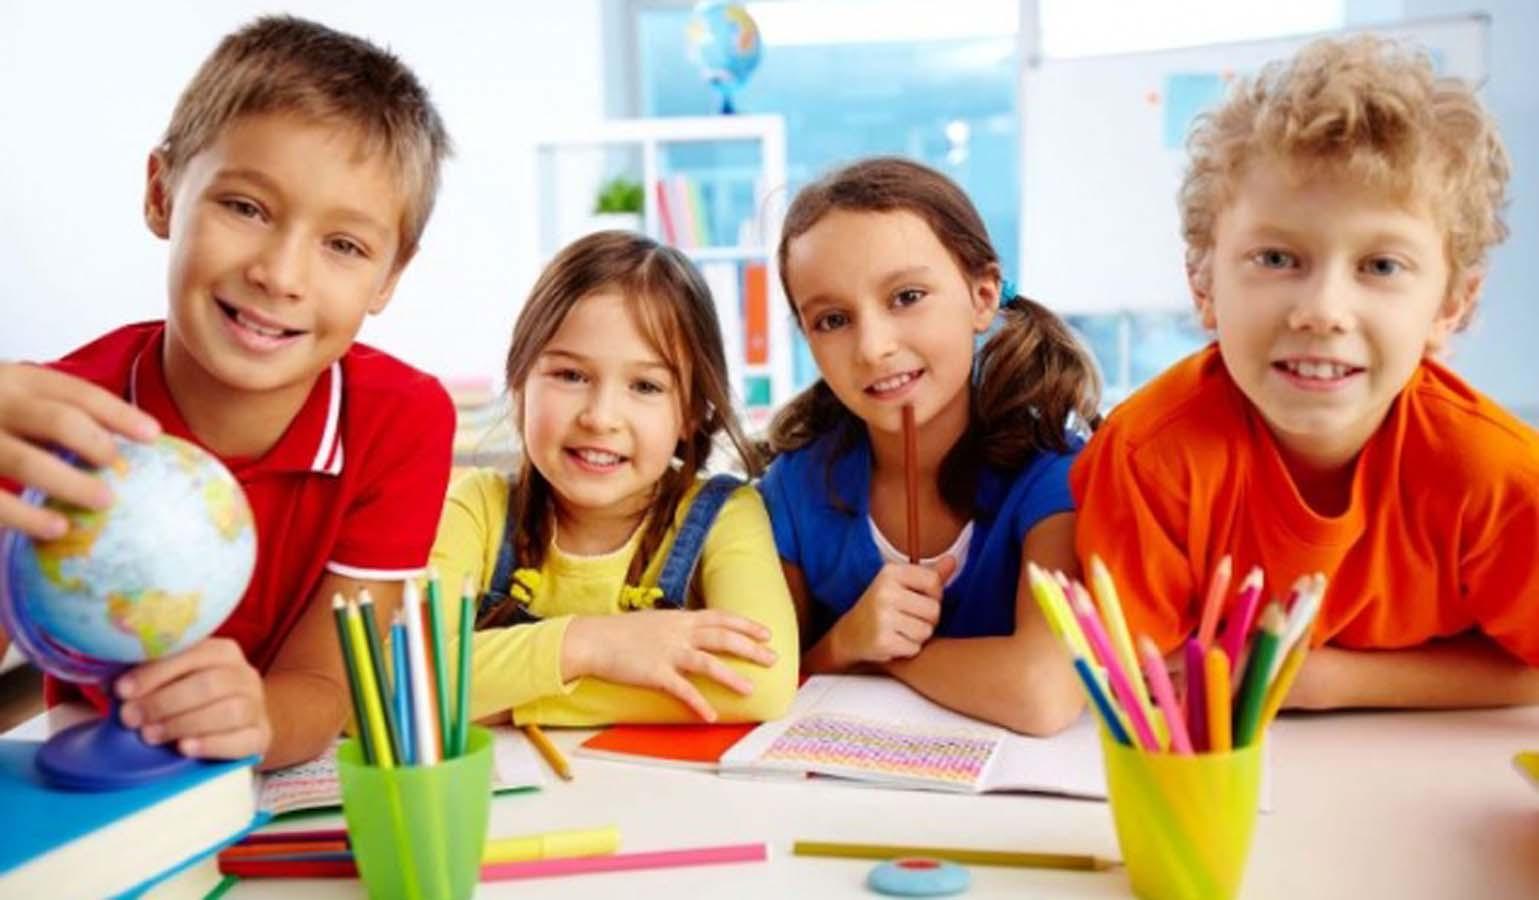 Anne Babanın Eğitim Düzeyi Çocukların Başarısını Olumlu Etkiliyor